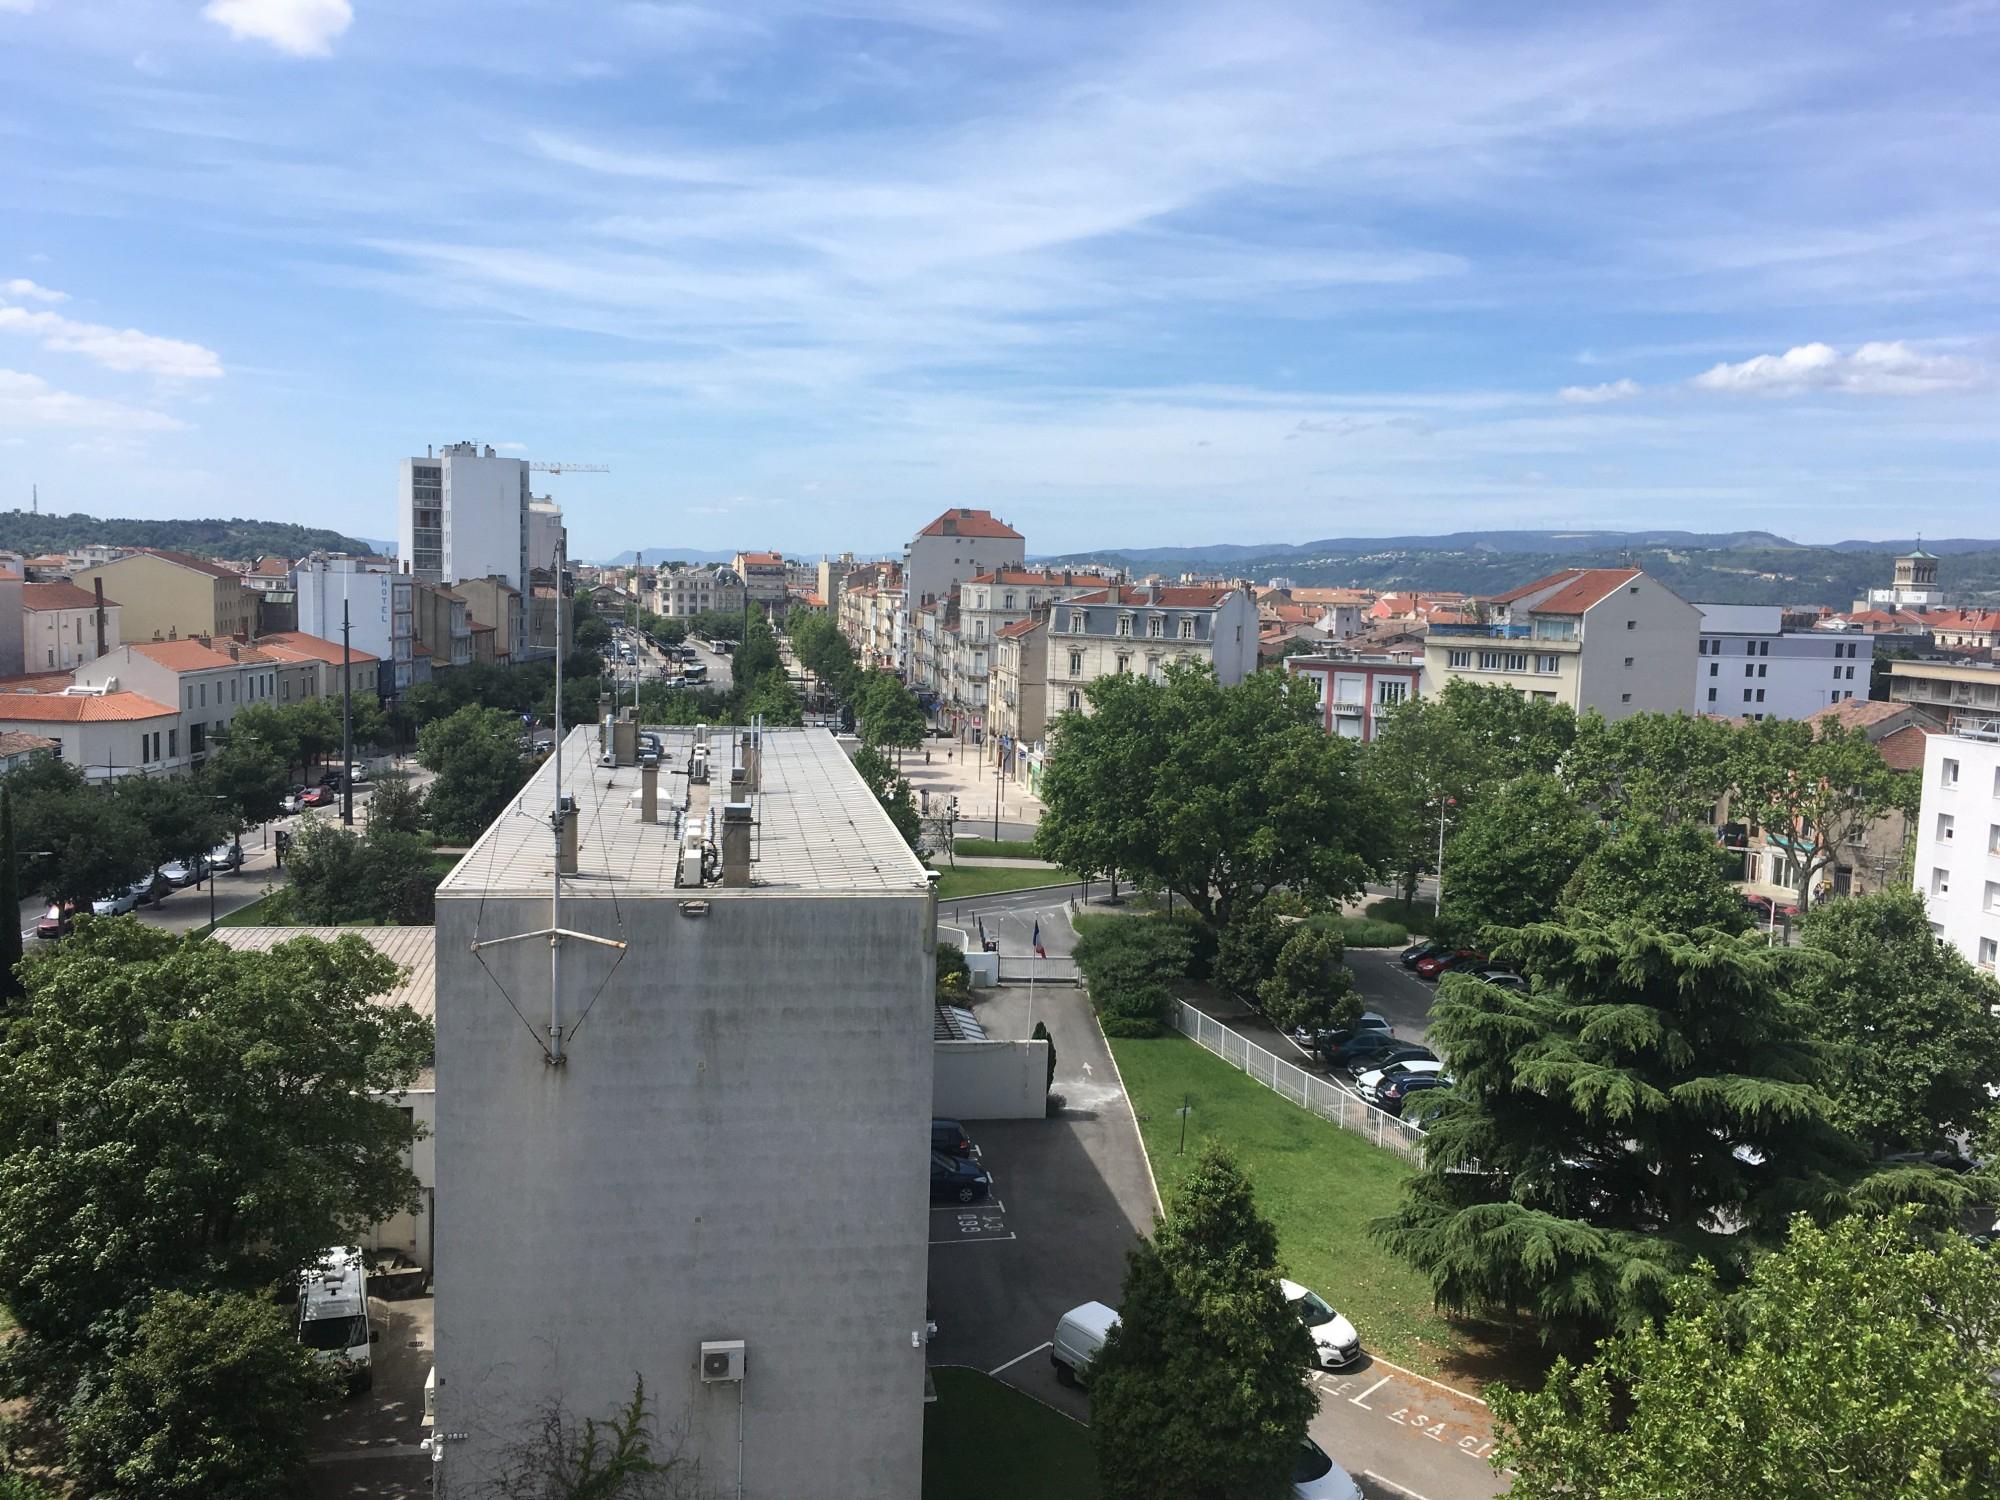 Vente D'appartement Avec Terrasse Ou Balcon Saint-Péray ... intérieur Piscine Saint Peray